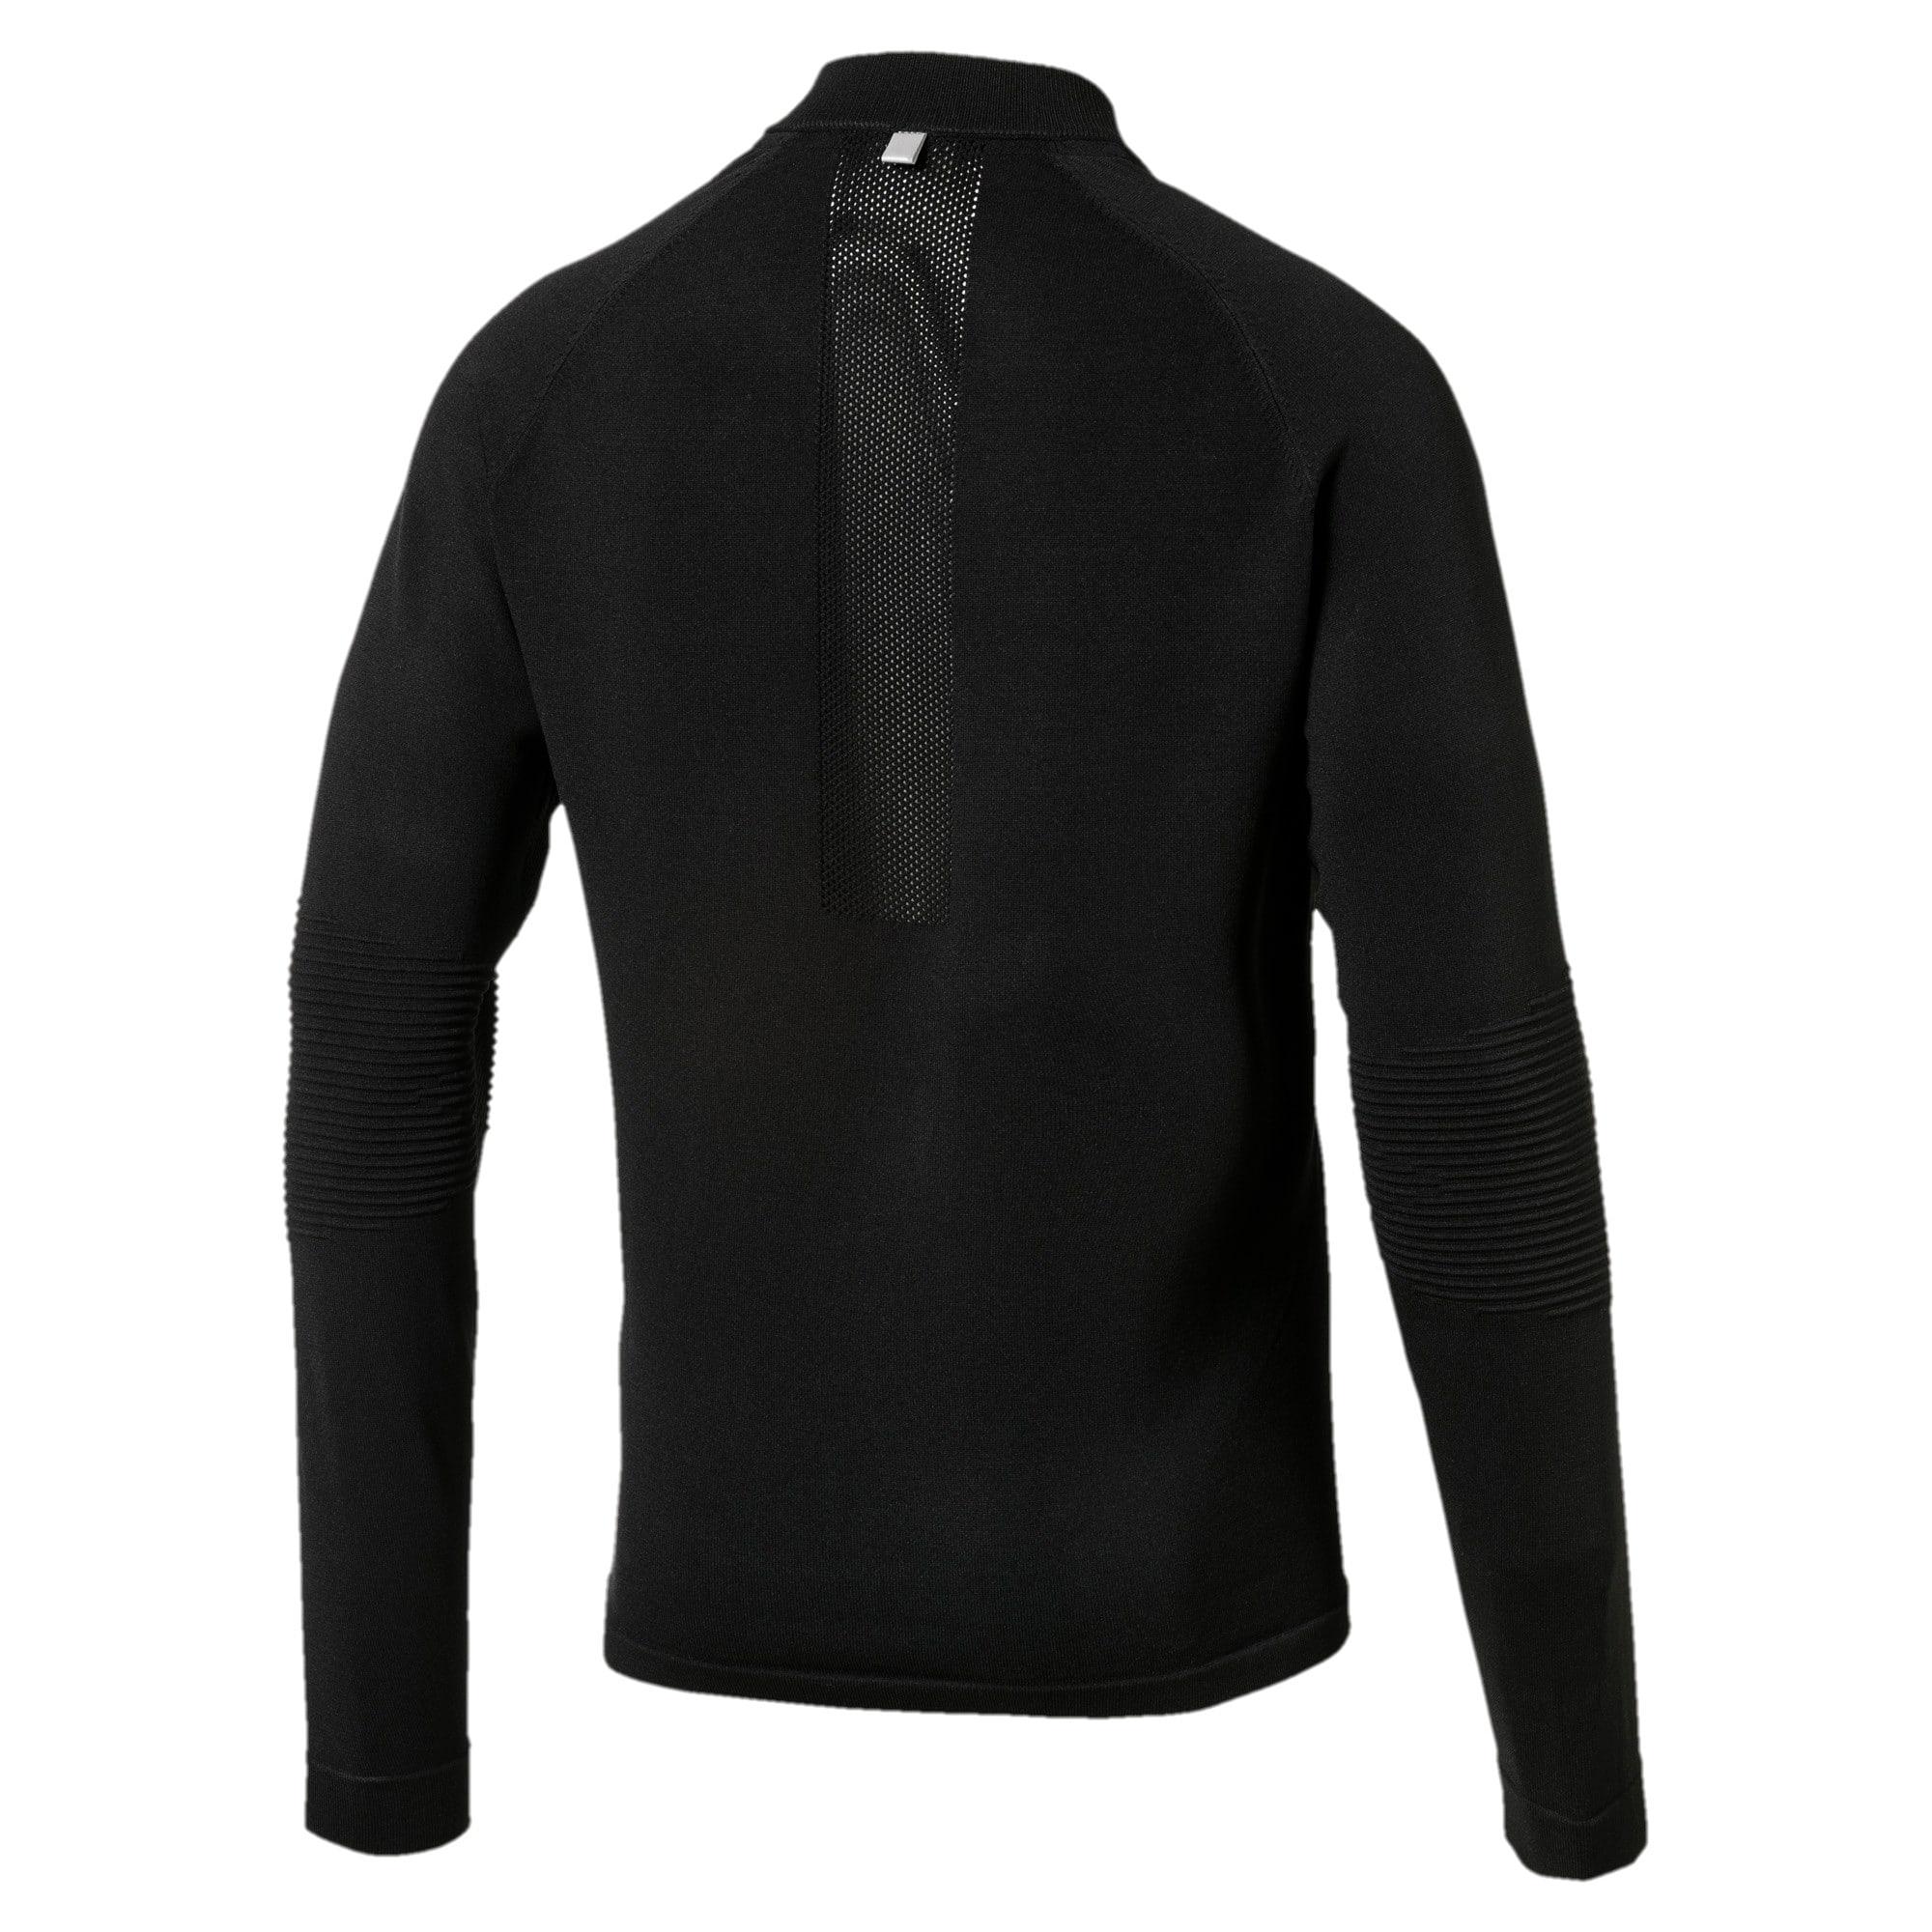 Thumbnail 4 of Running Men's evoKNIT Padded Jacket, Puma Black, medium-IND